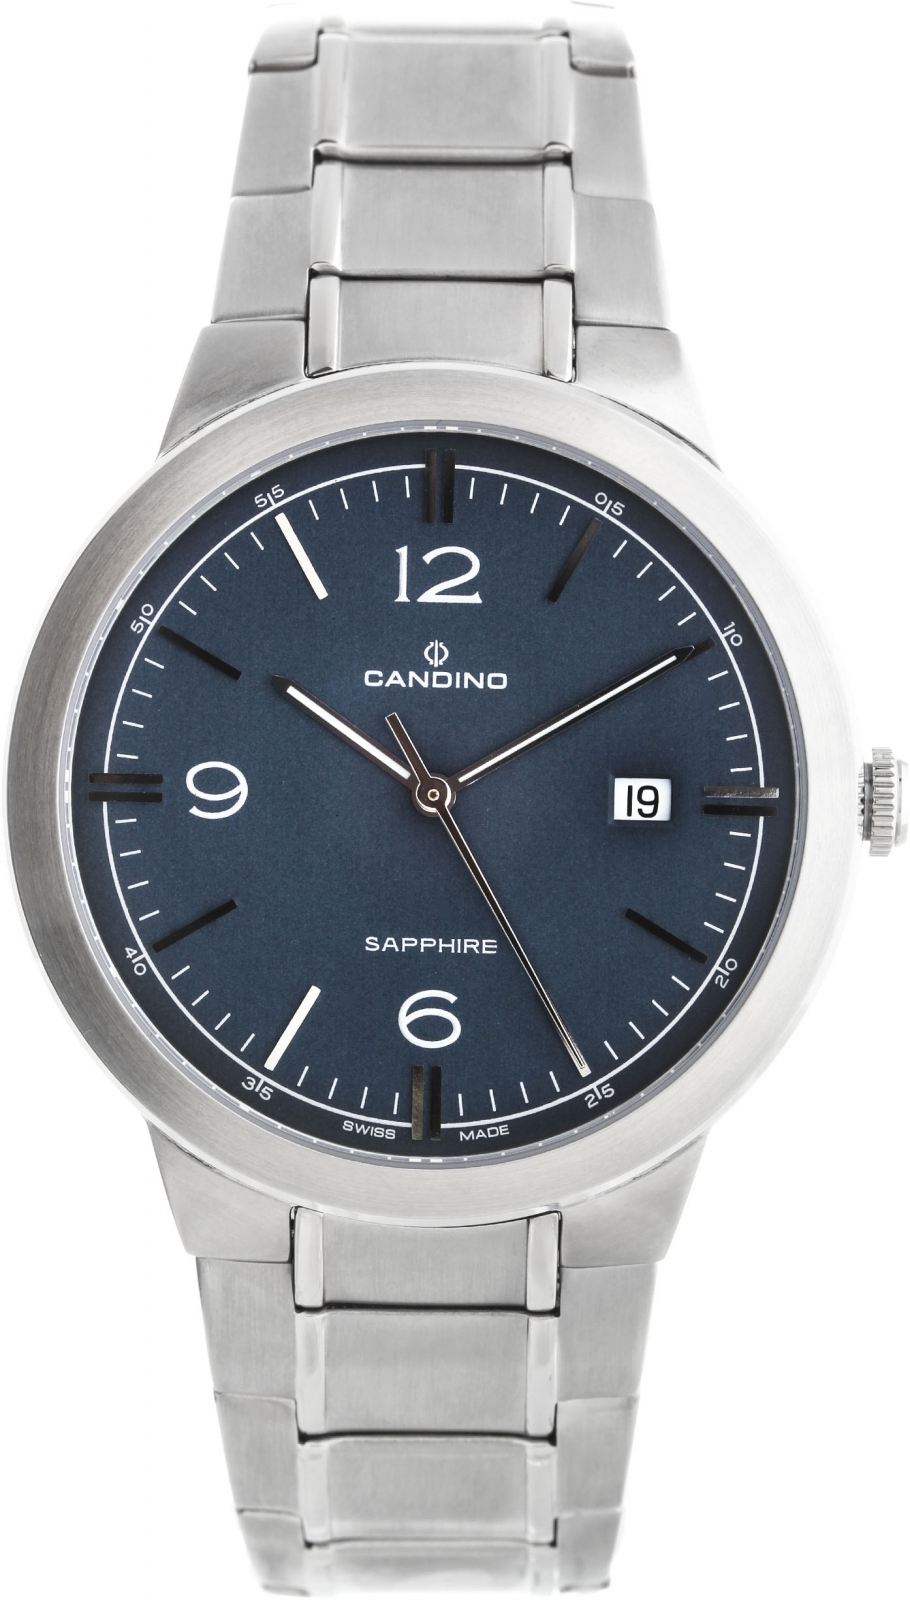 Candino Elegance C4510/2Наручные часы<br>Швейцарские часы Candino Elegance C4510/2<br><br>Пол: Мужские<br>Страна-производитель: Швейцария<br>Механизм: Кварцевый<br>Материал корпуса: Сталь<br>Материал ремня/браслета: Сталь<br>Водозащита, диапазон: 20 - 100 м<br>Стекло: Сапфировое<br>Толщина корпуса: None<br>Стиль: Классика